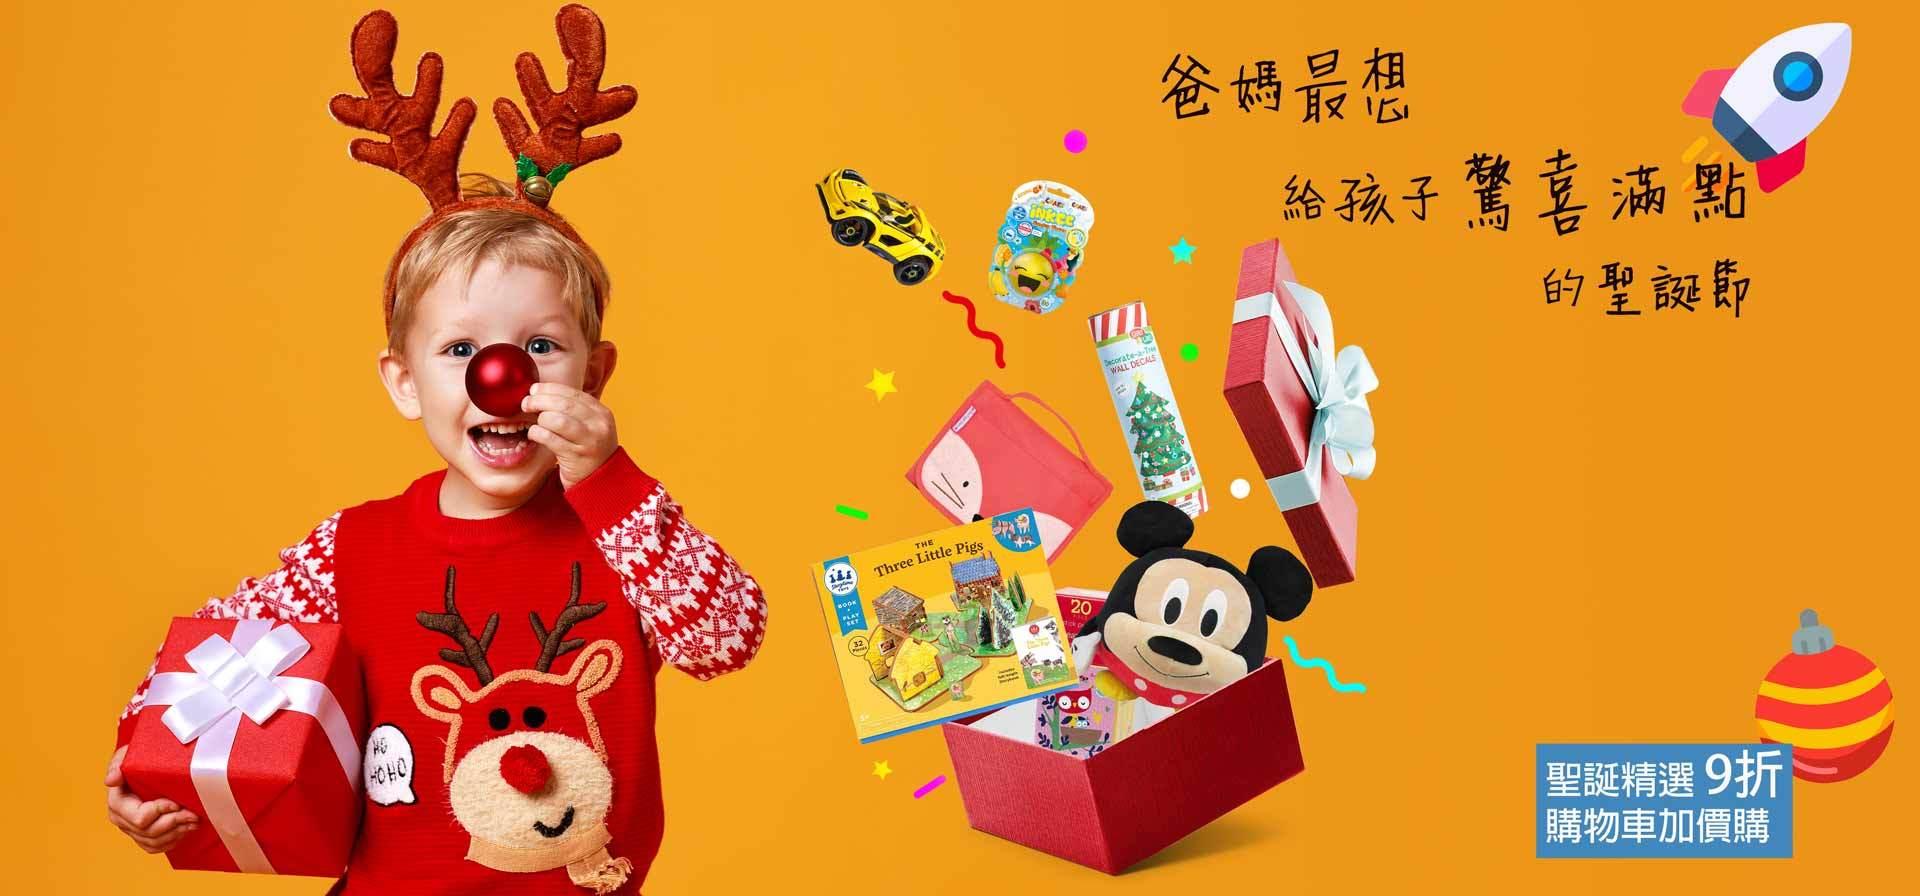 咕咕嘎嘎親子購物聖誕活動商品九折,全館滿千加購價